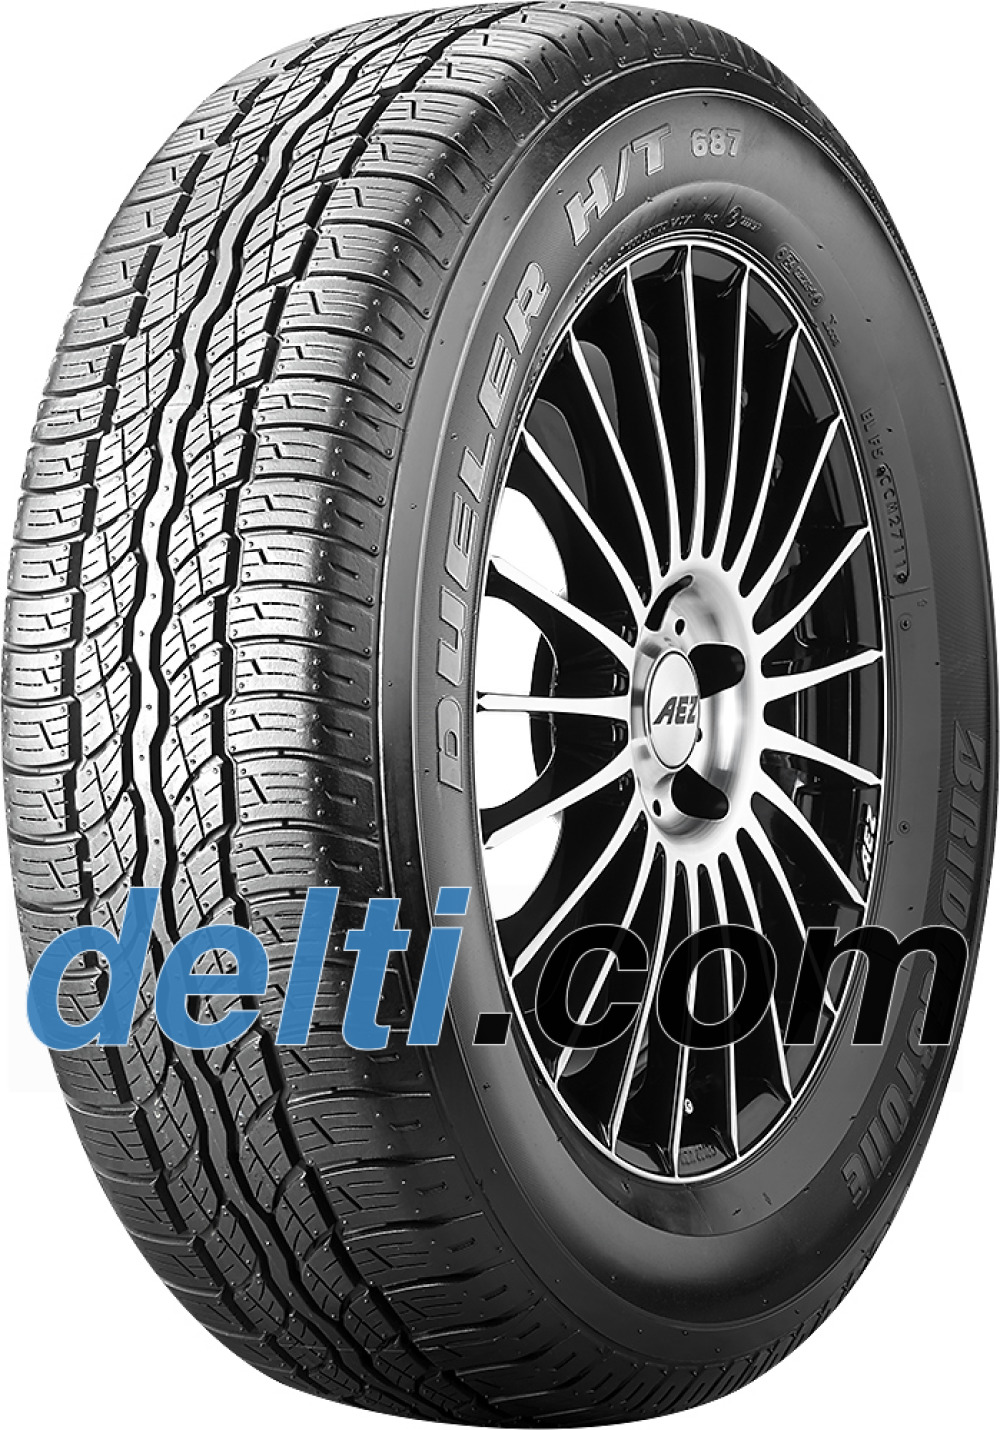 Bridgestone Dueler 687 H/T ( 215/70 R16 100H )